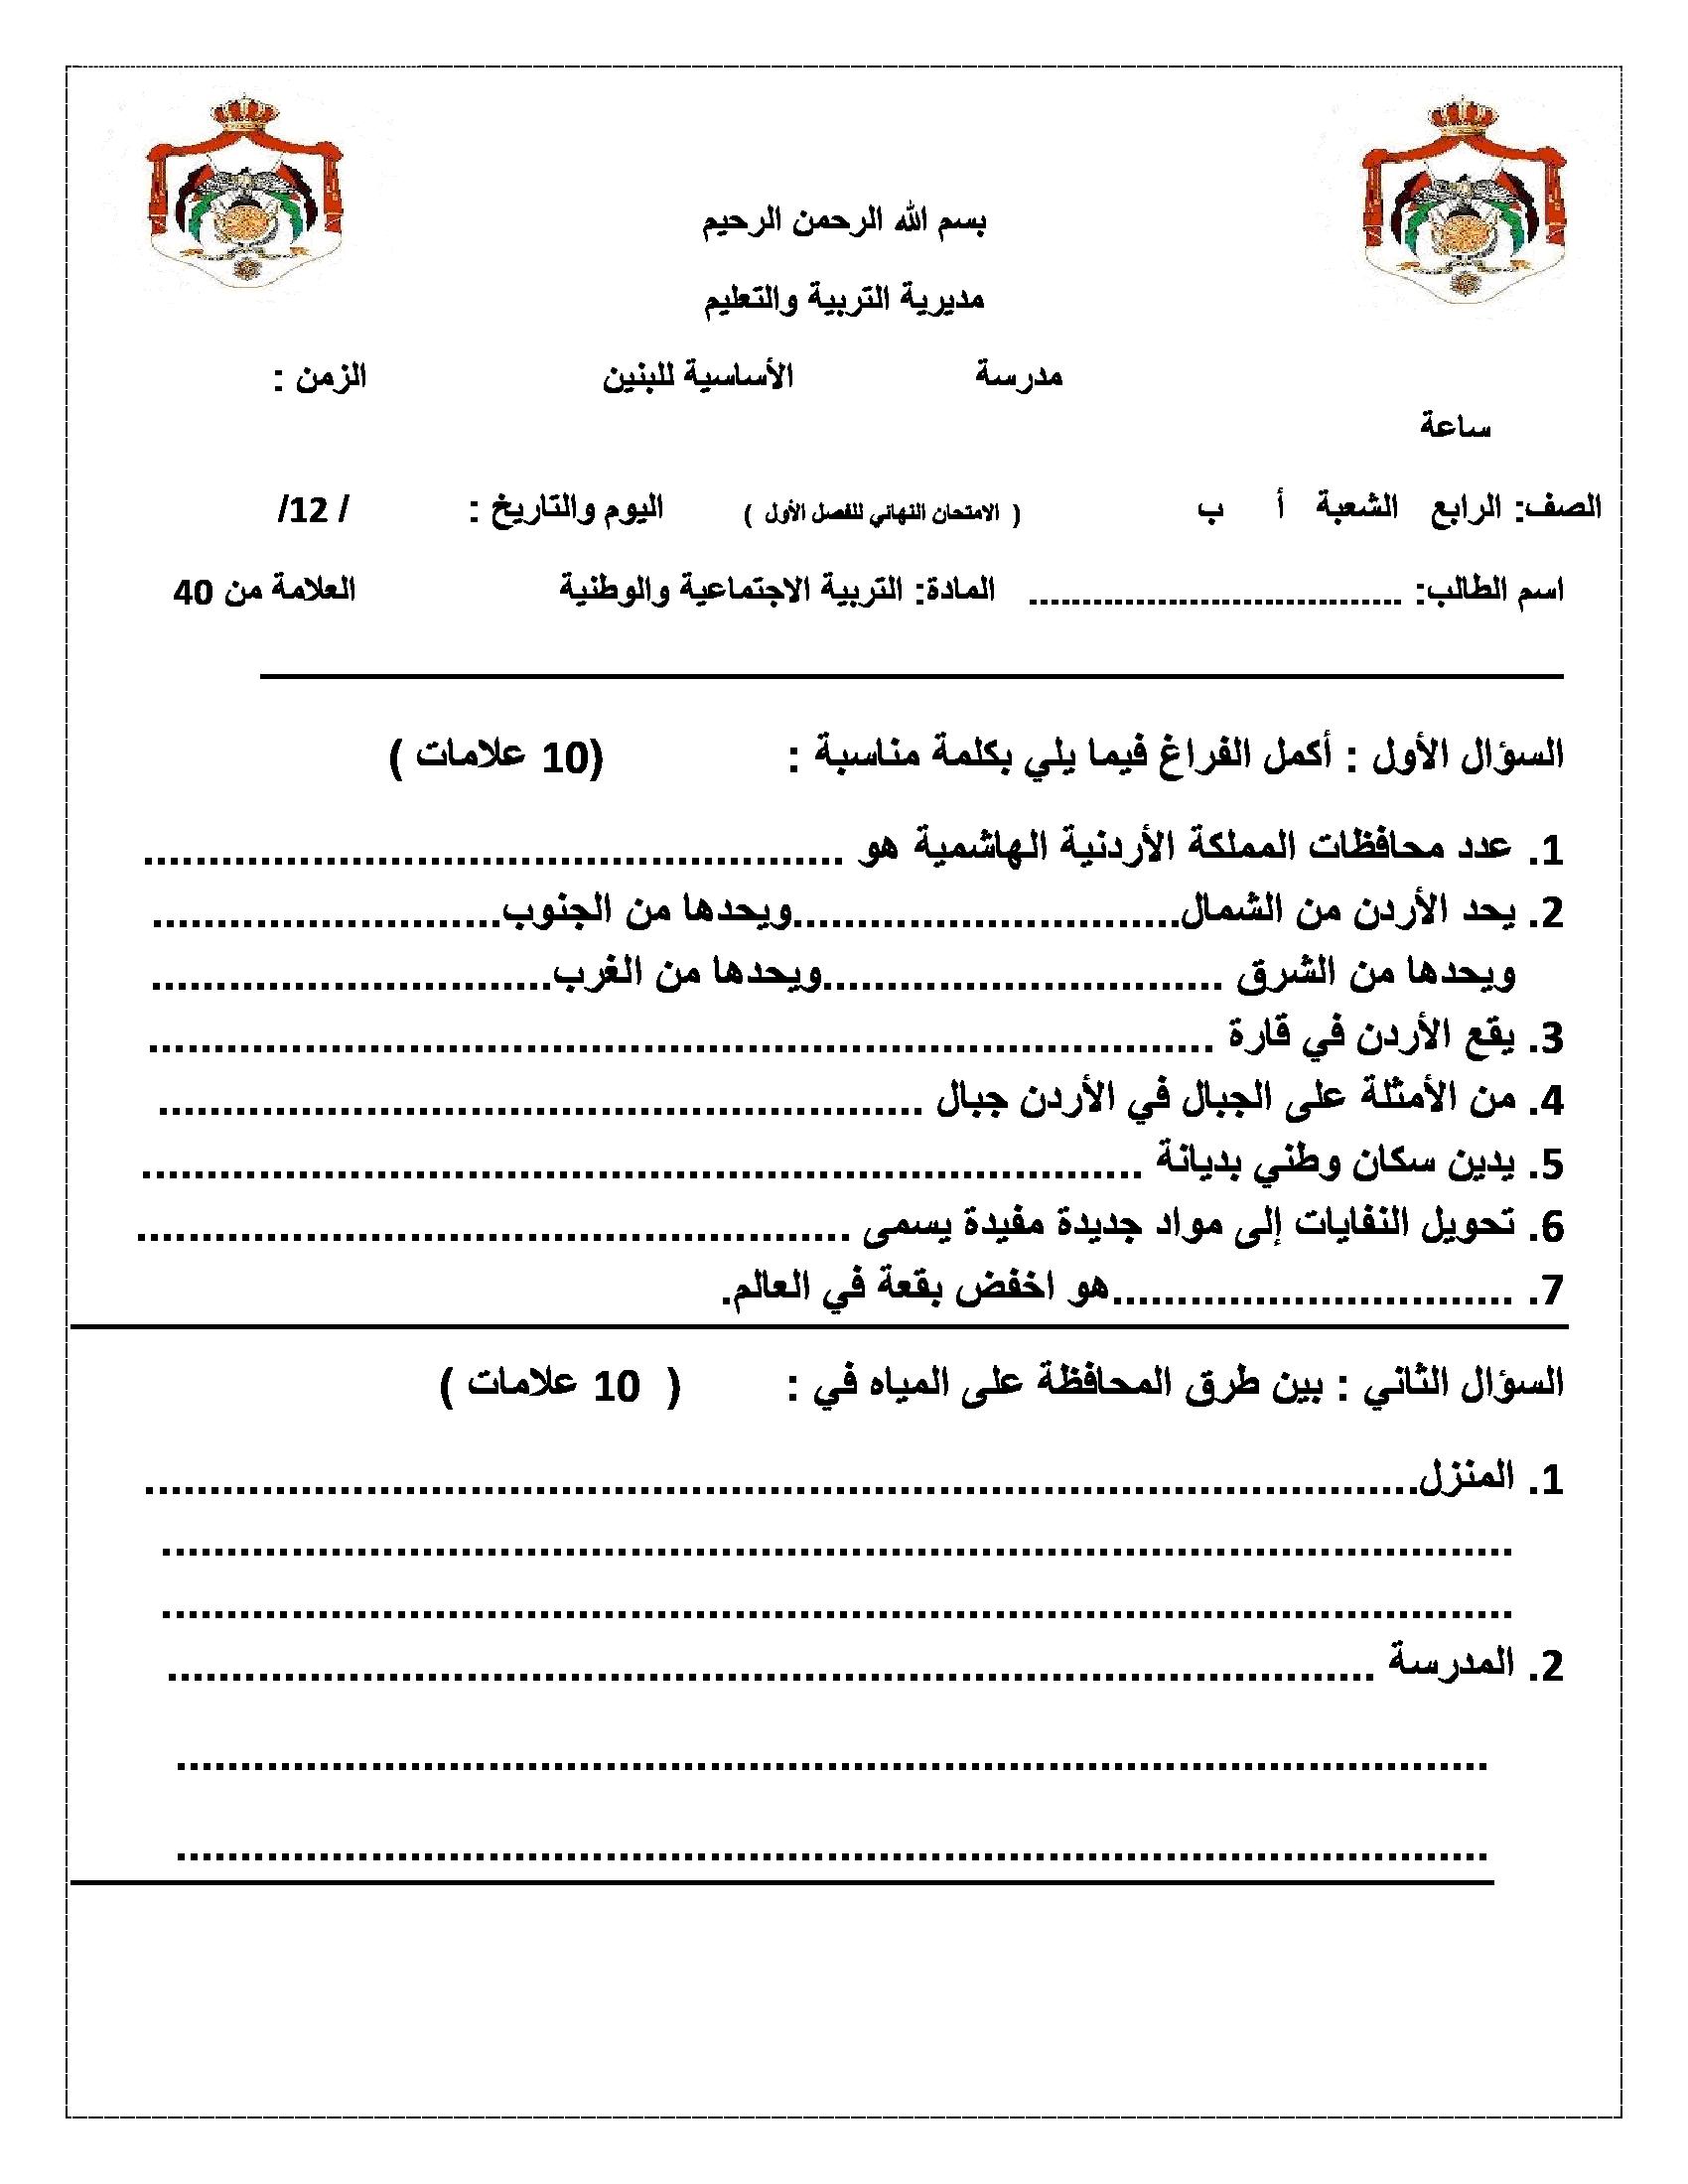 الاختبار النهائي لمادة التربية الاجتماعية للصف الرابع الفصل الاول 2018